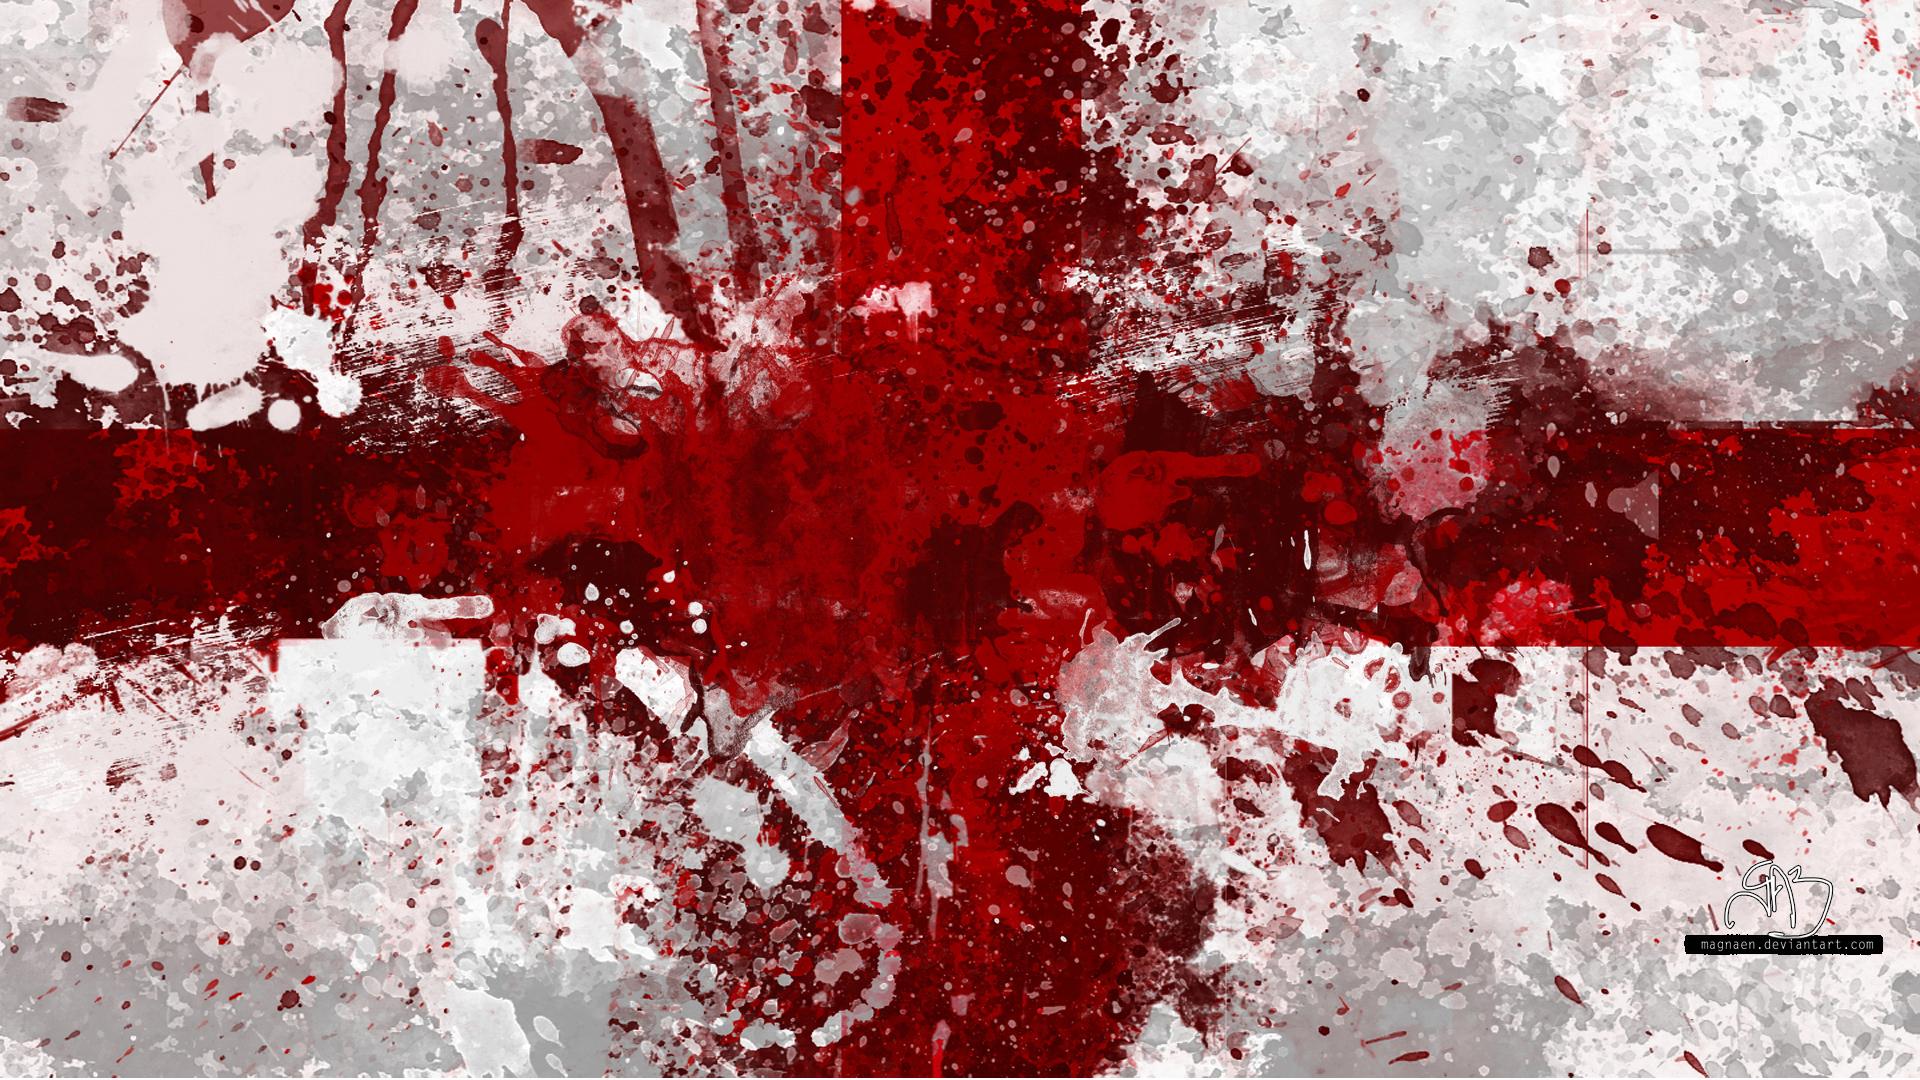 обои кровавые на рабочий стол была уверена, что